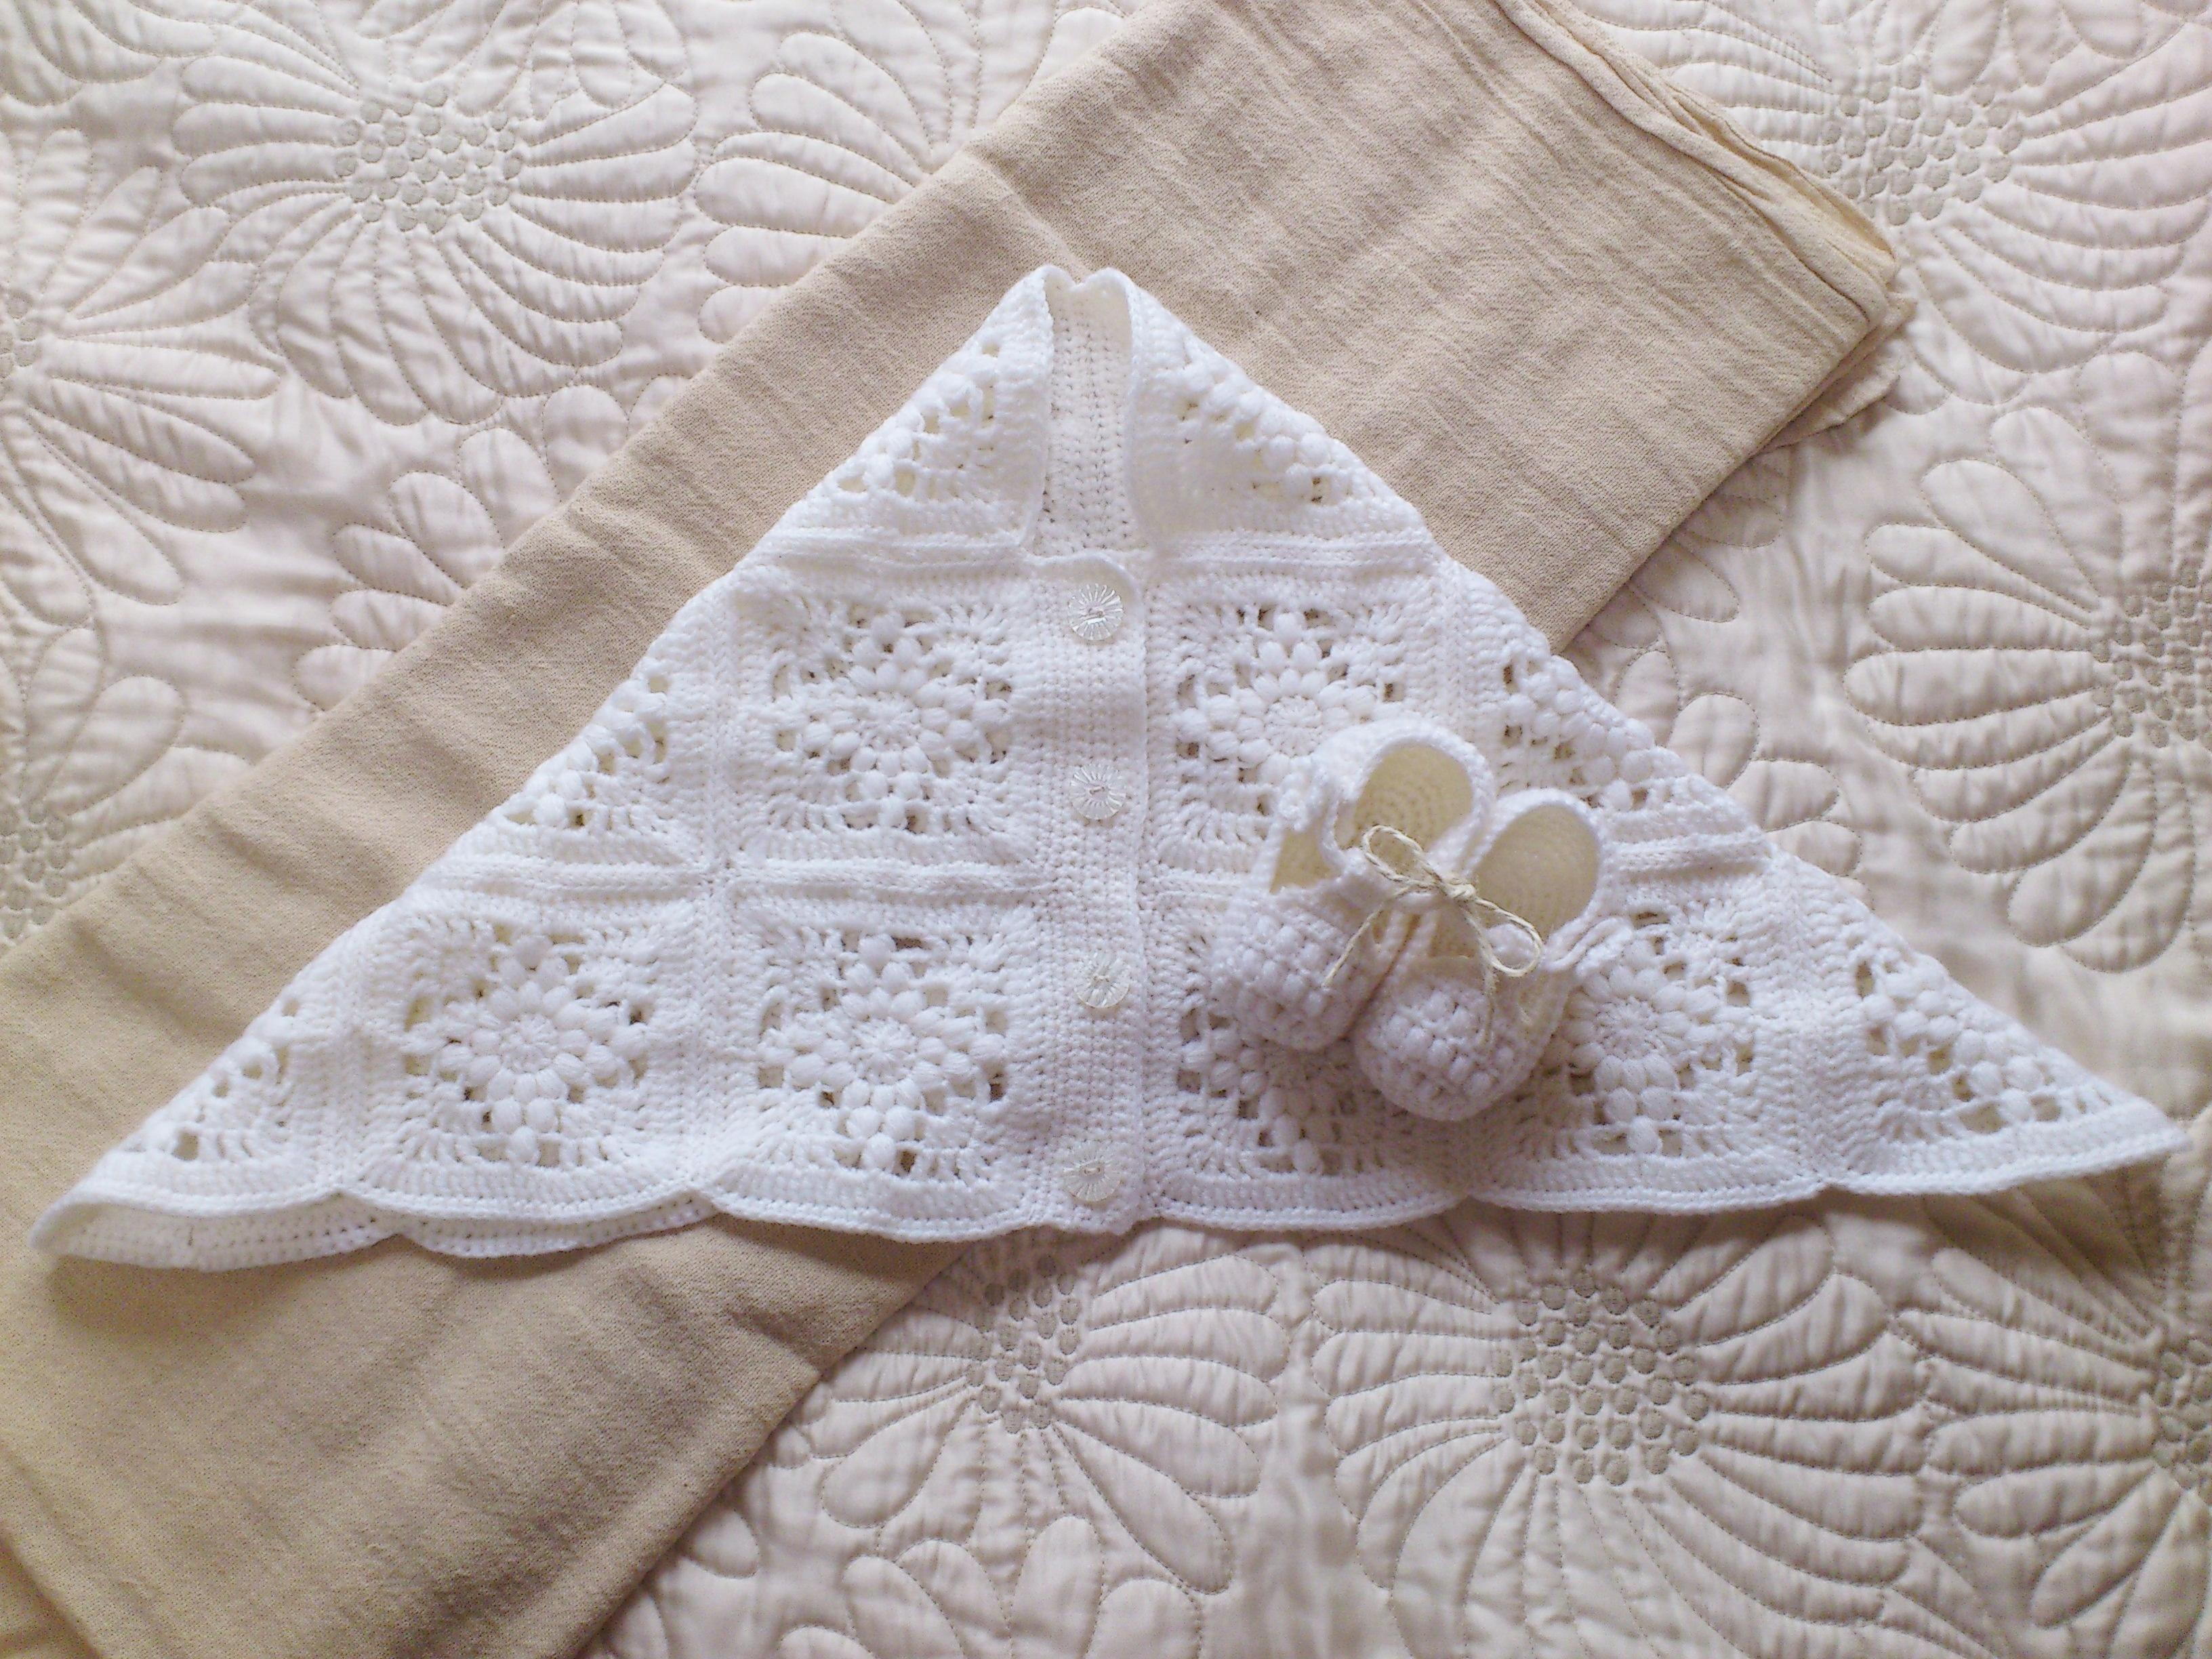 モチーフ編みで編む、赤ちゃんのためのおくるみ(ケープ)とくつ